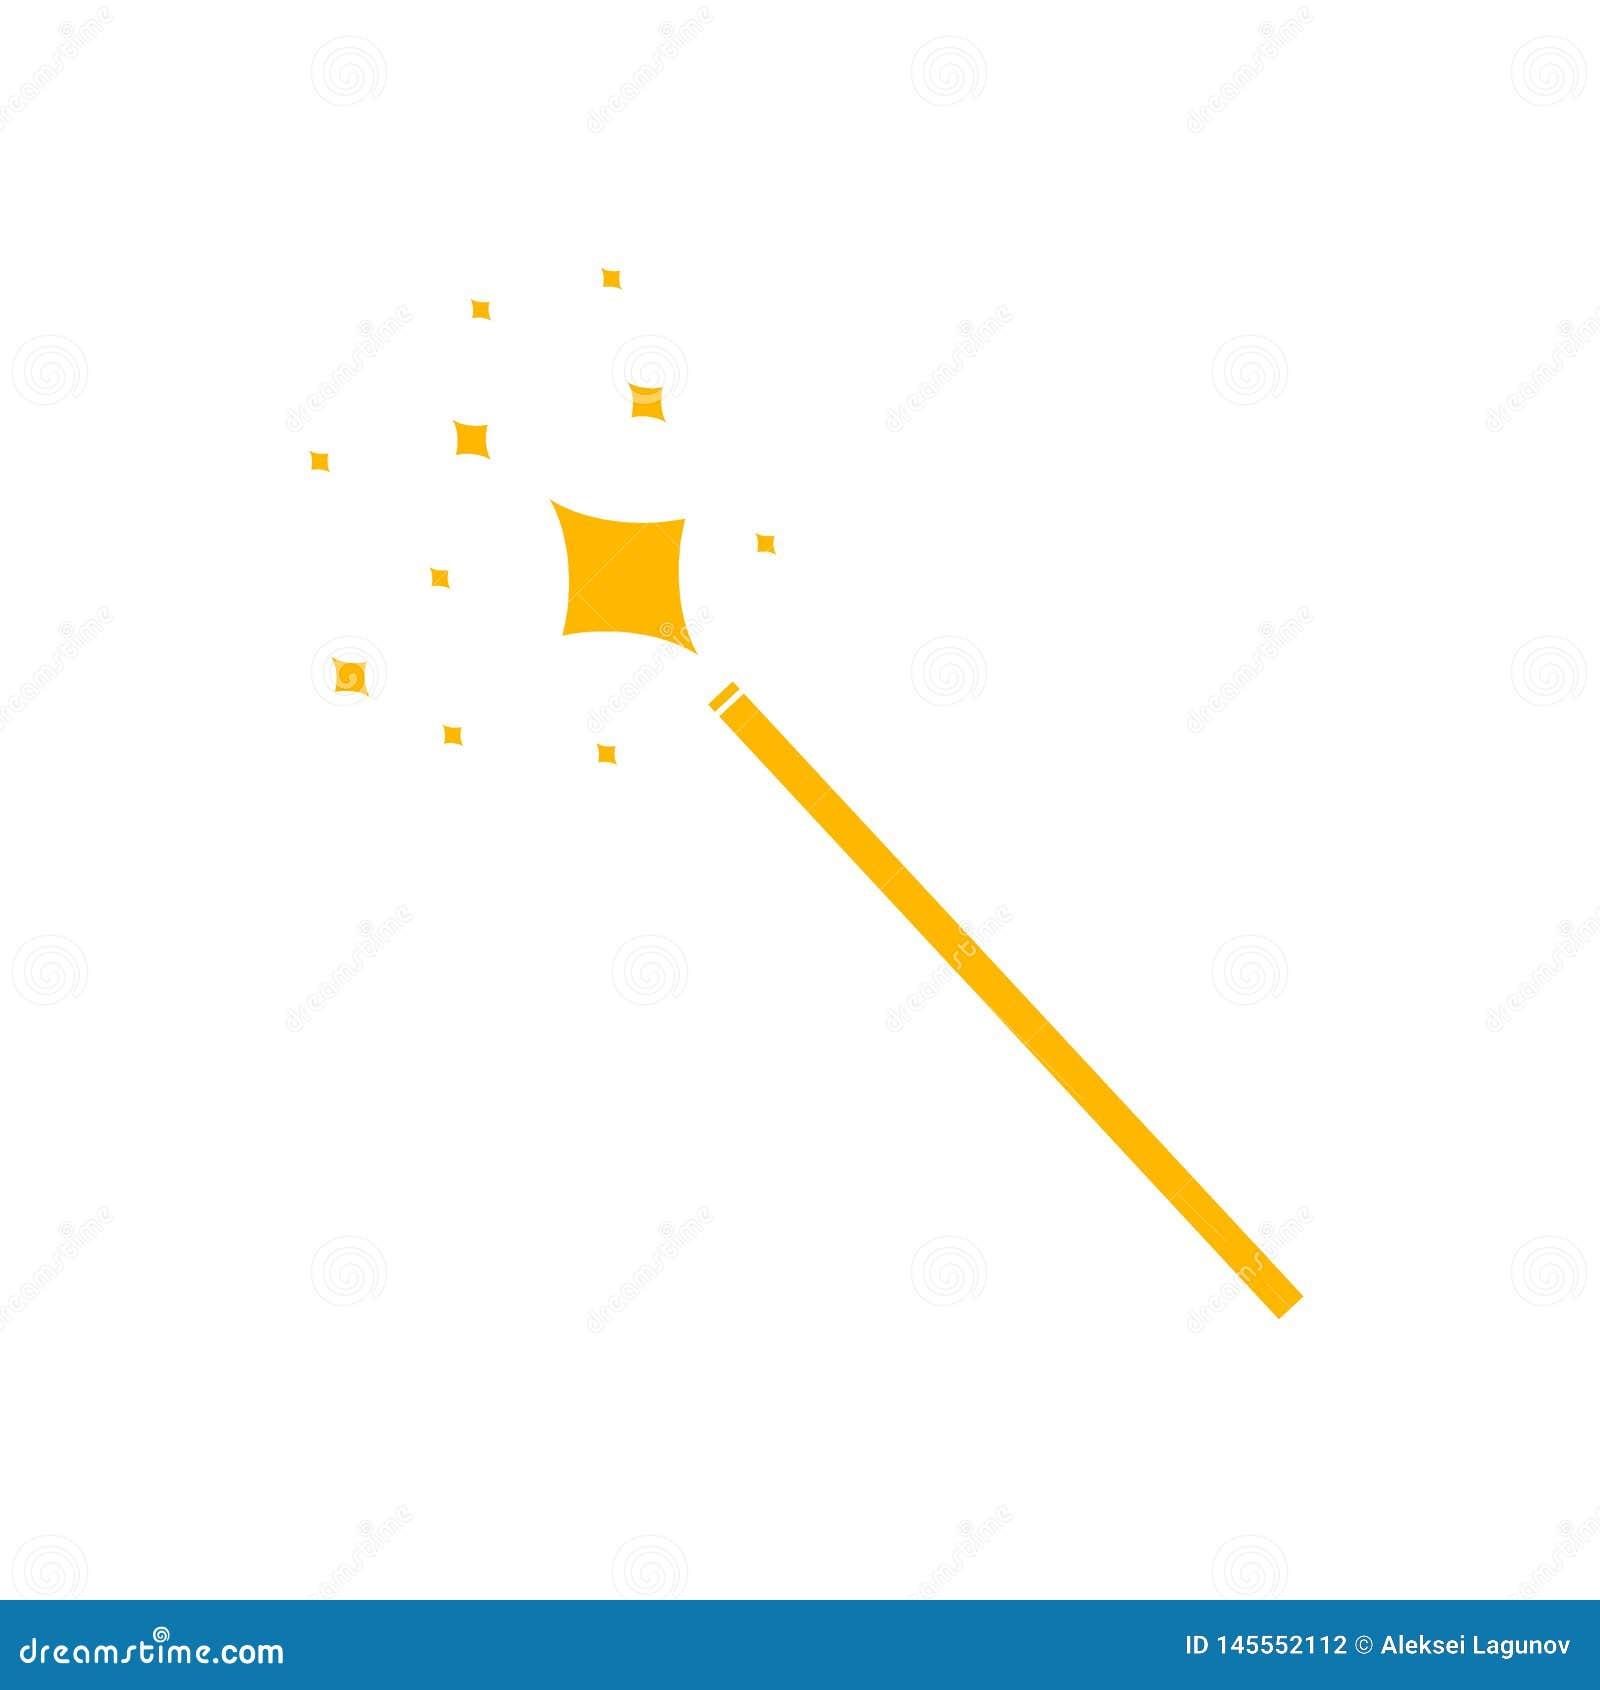 Διανυσματικό μαγικό εικονίδιο ράβδων, κίτρινο εικονόγραμμα που απομονώνεται, μαγικό να λάμψει